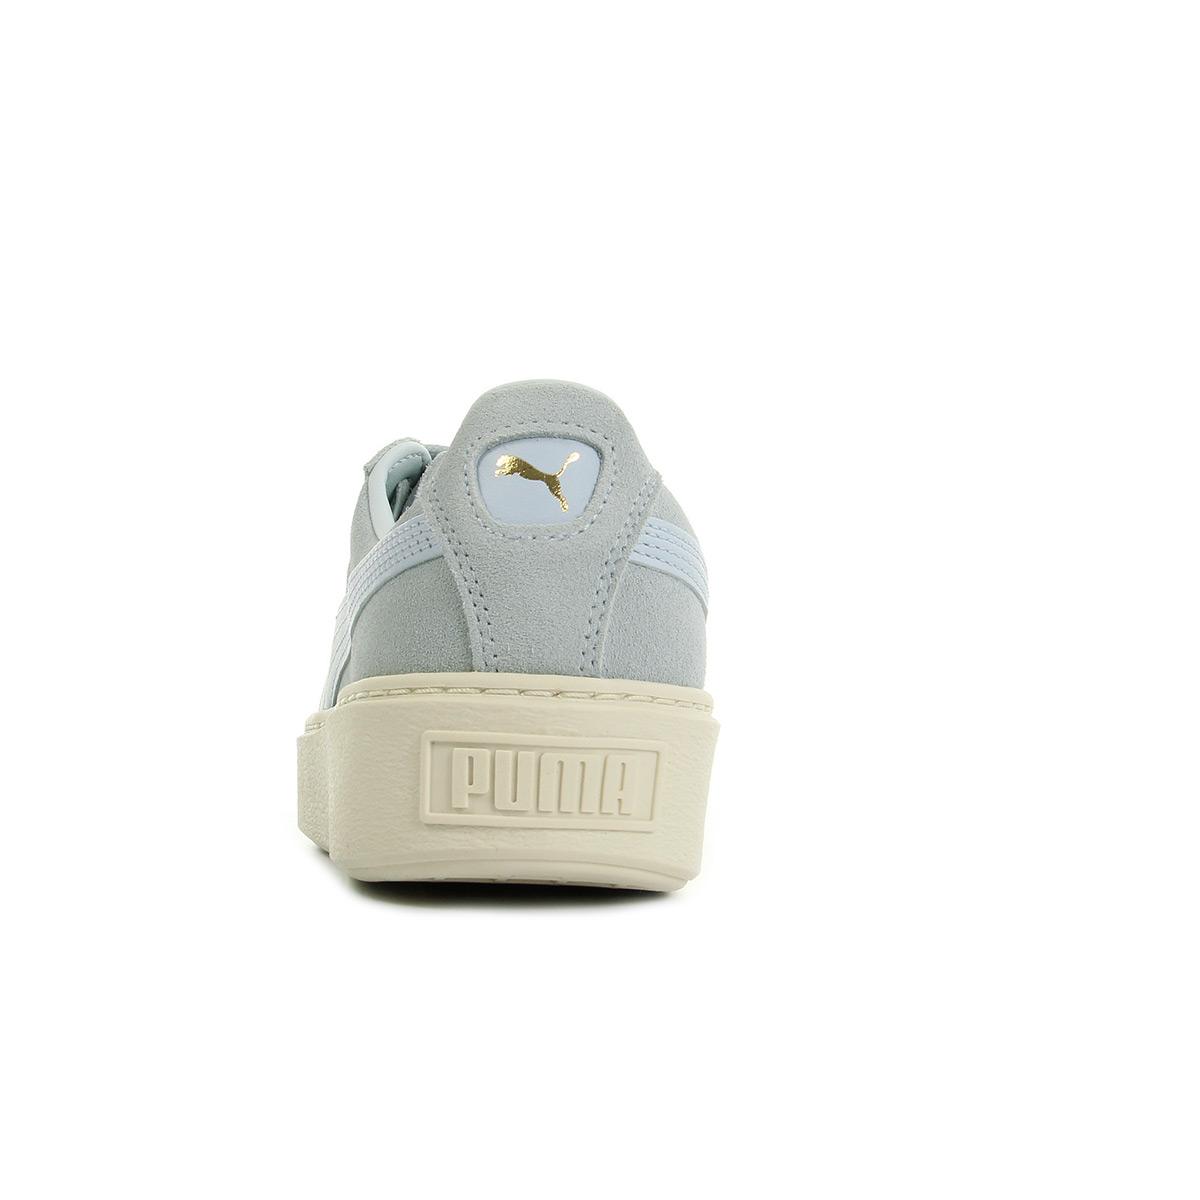 Puma Suede Platform Core 36355904, Baskets mode femme